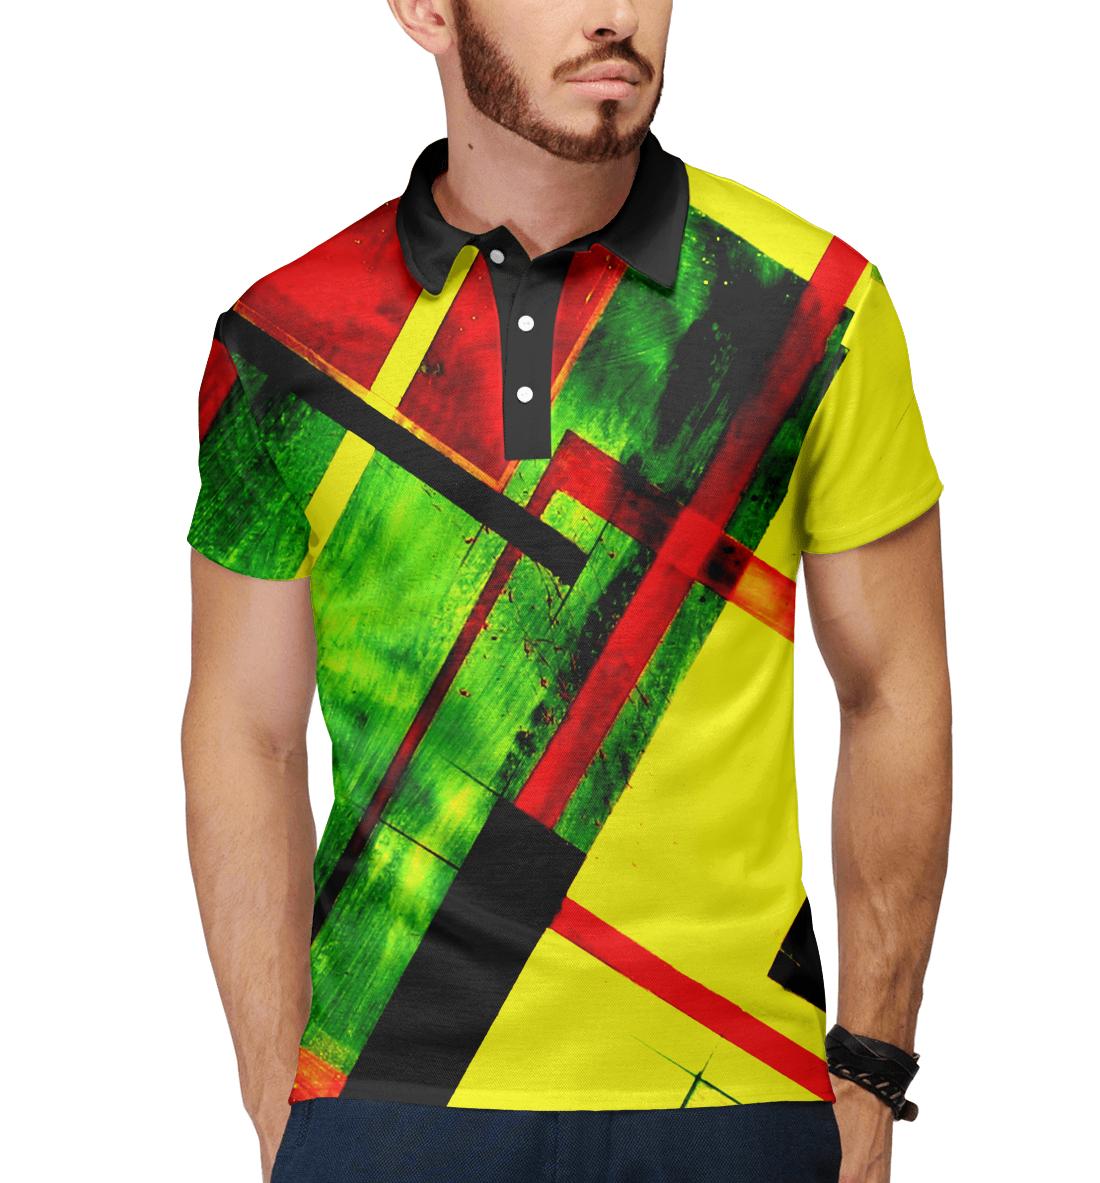 Купить Цветная геометрия, Printbar, Поло, GEO-170619-pol-2